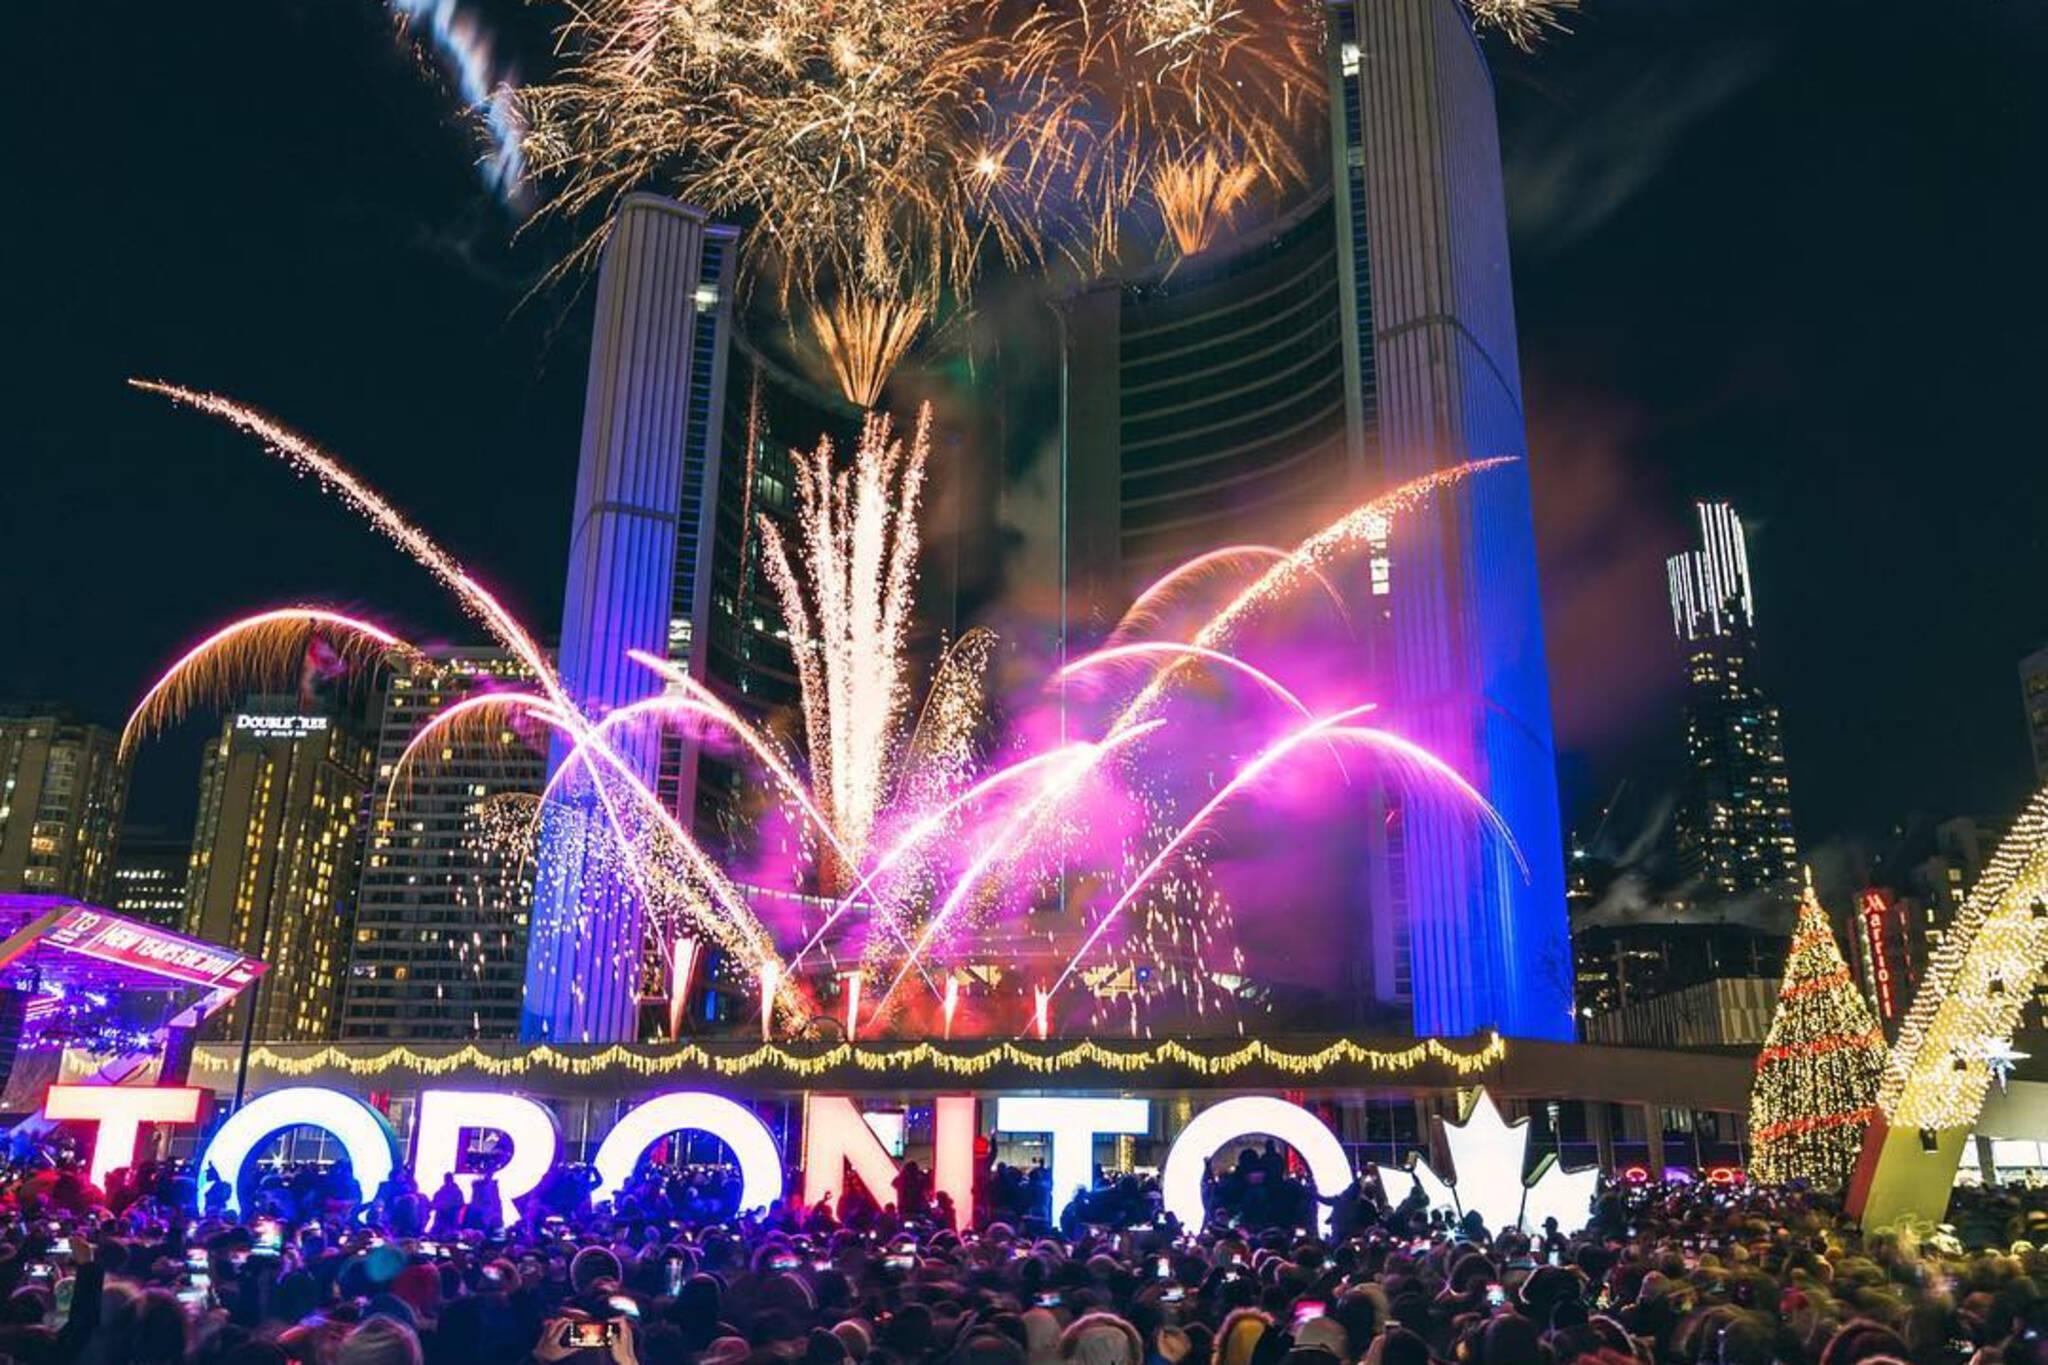 New Years Toronto